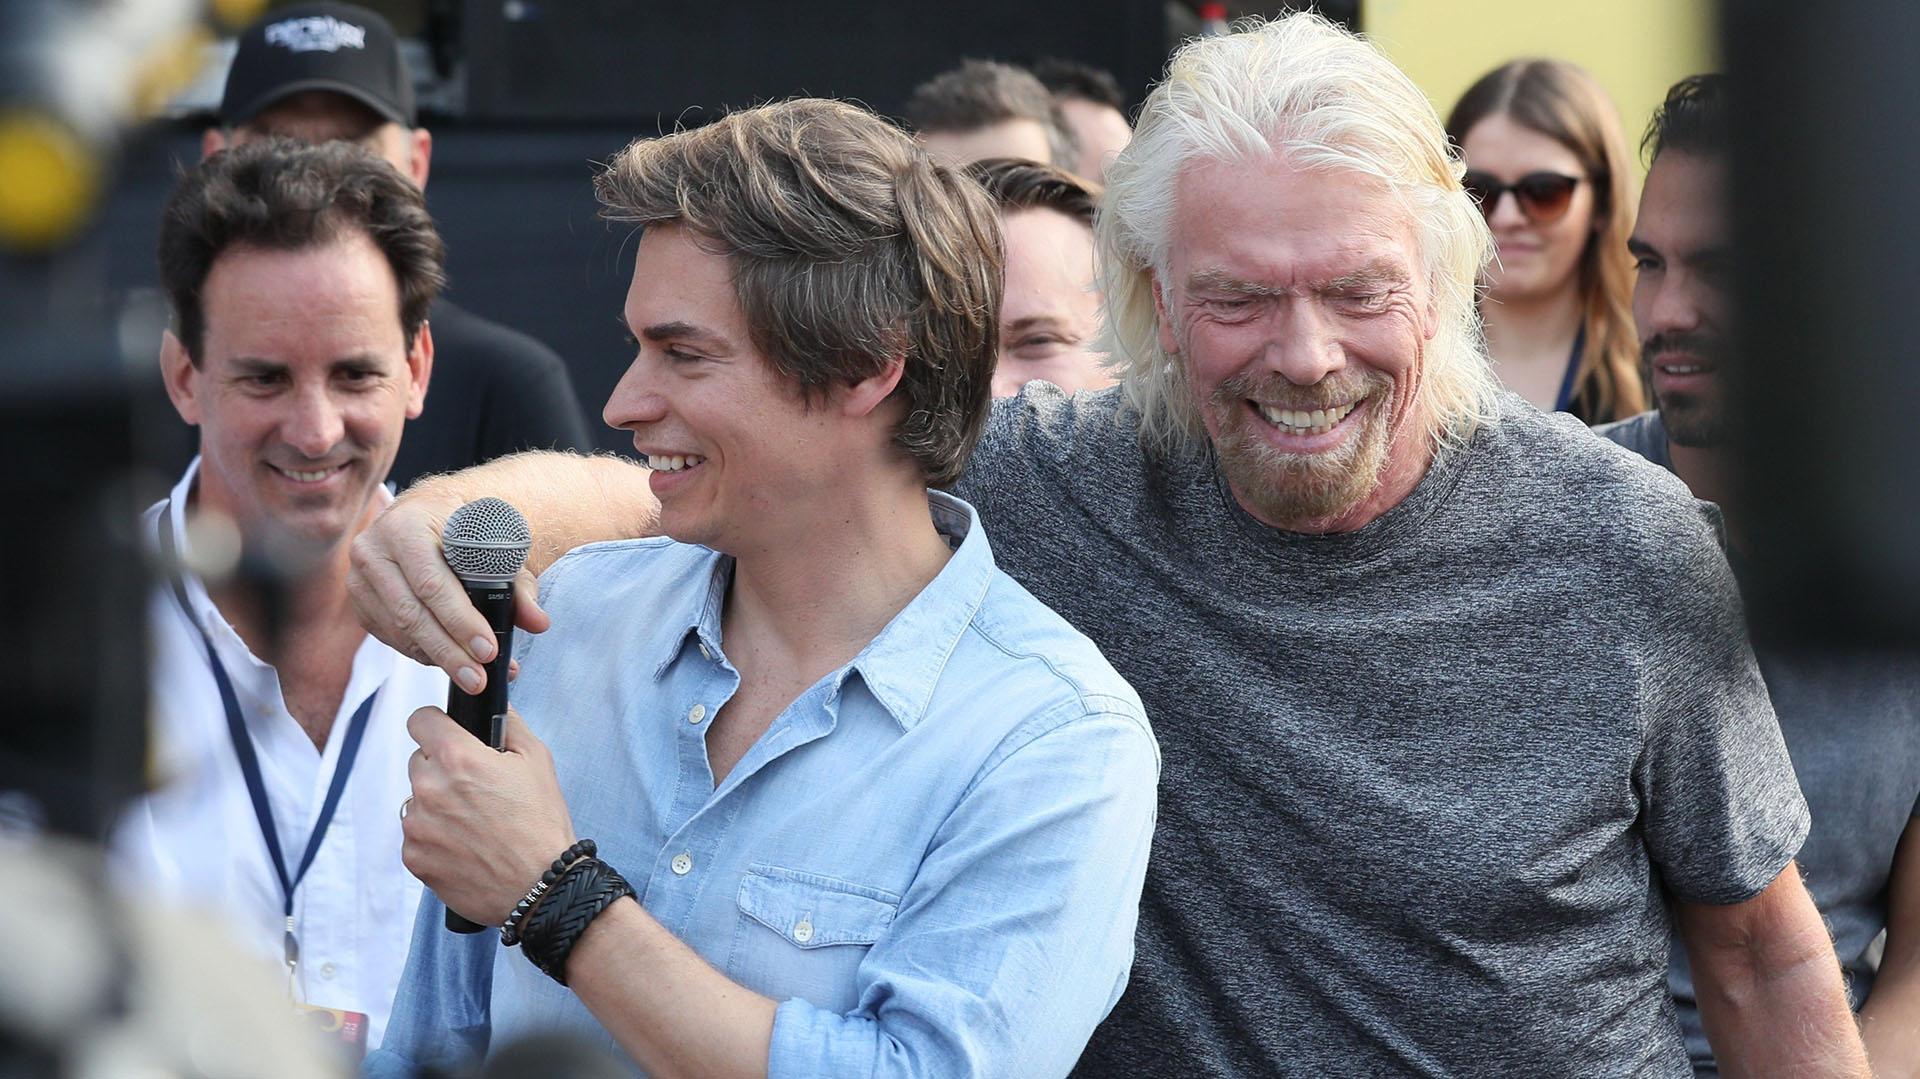 El magnate y organizador del evento Richard Branson (d), y el cantante venezolano Carlos Baute (i) ofrecen declaraciones a los medios previo al concierto (EFE/ Mauricio Dueñas Castañeda)